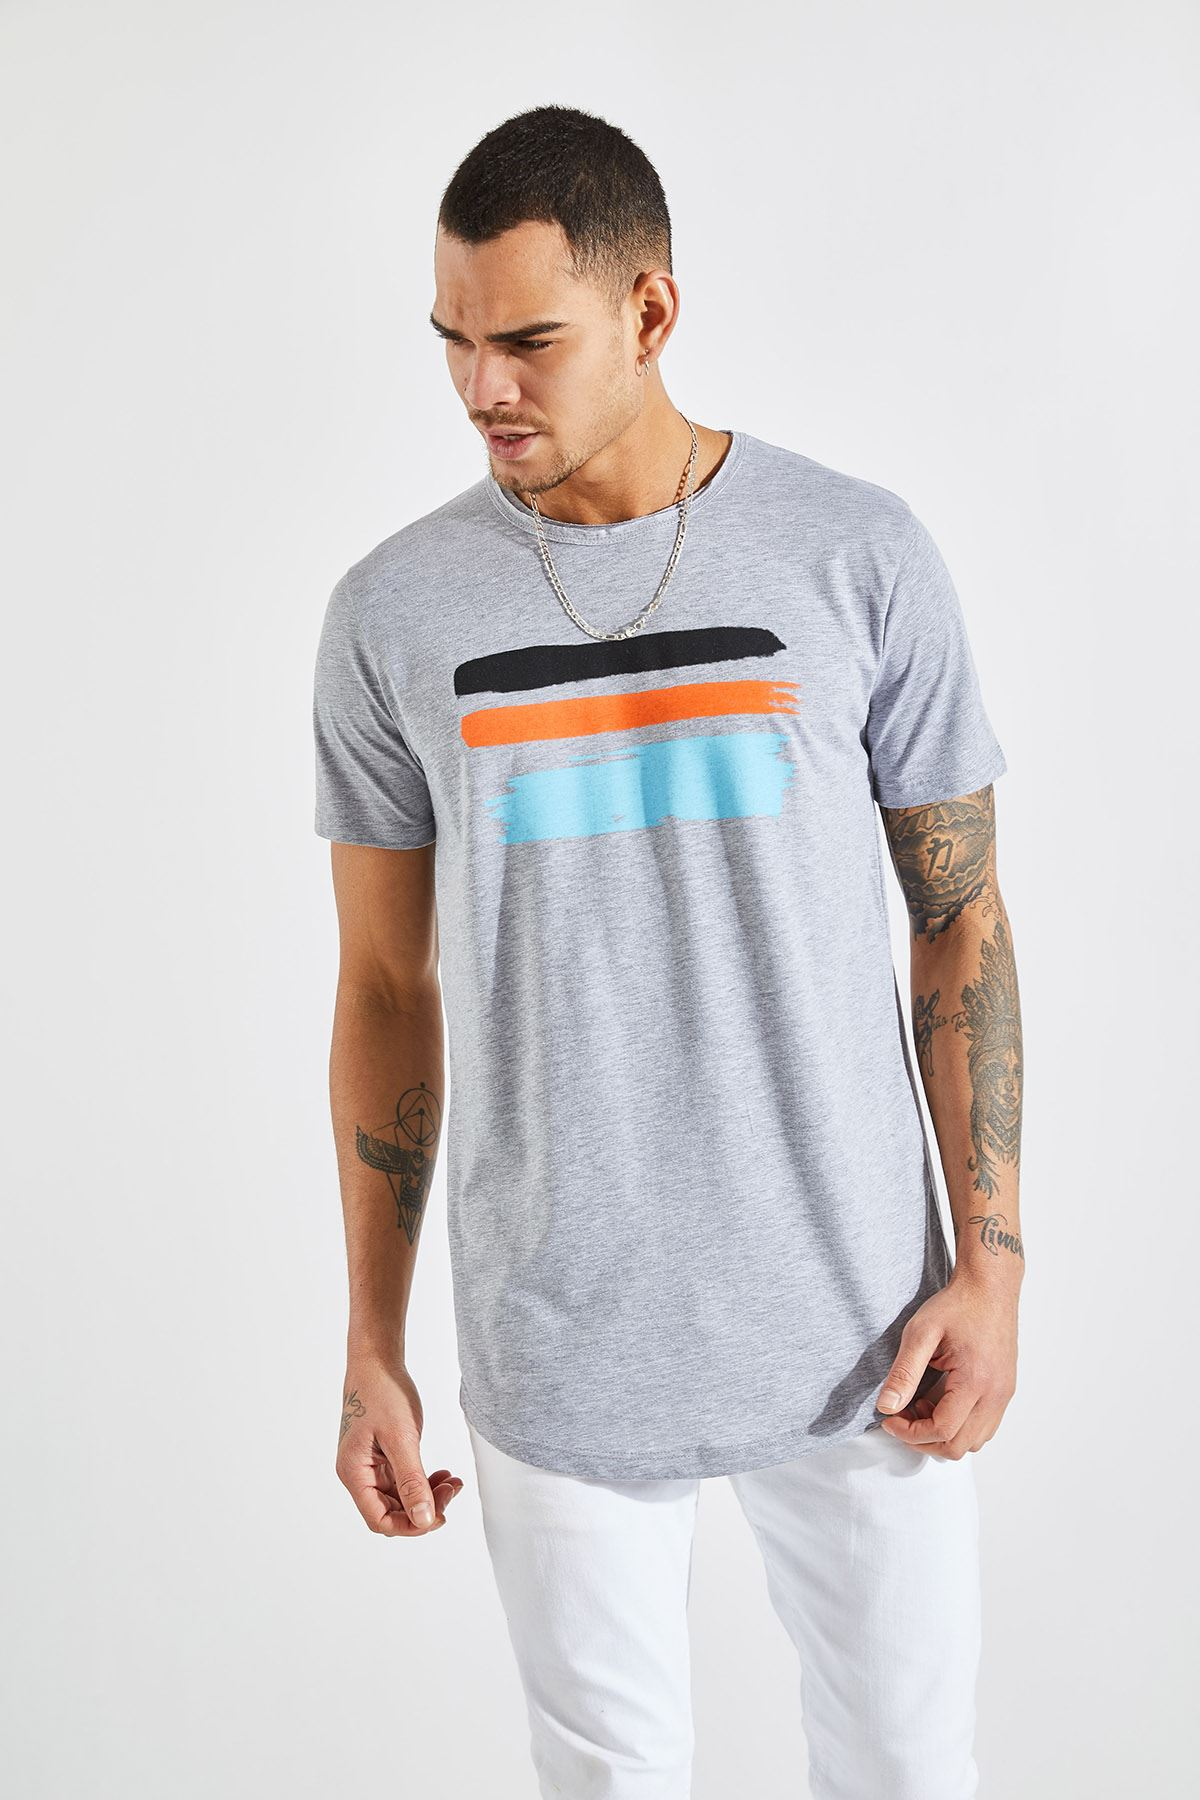 Erkek Pis Yaka 3 Çizgi Fırça Baskı Gri Tişört